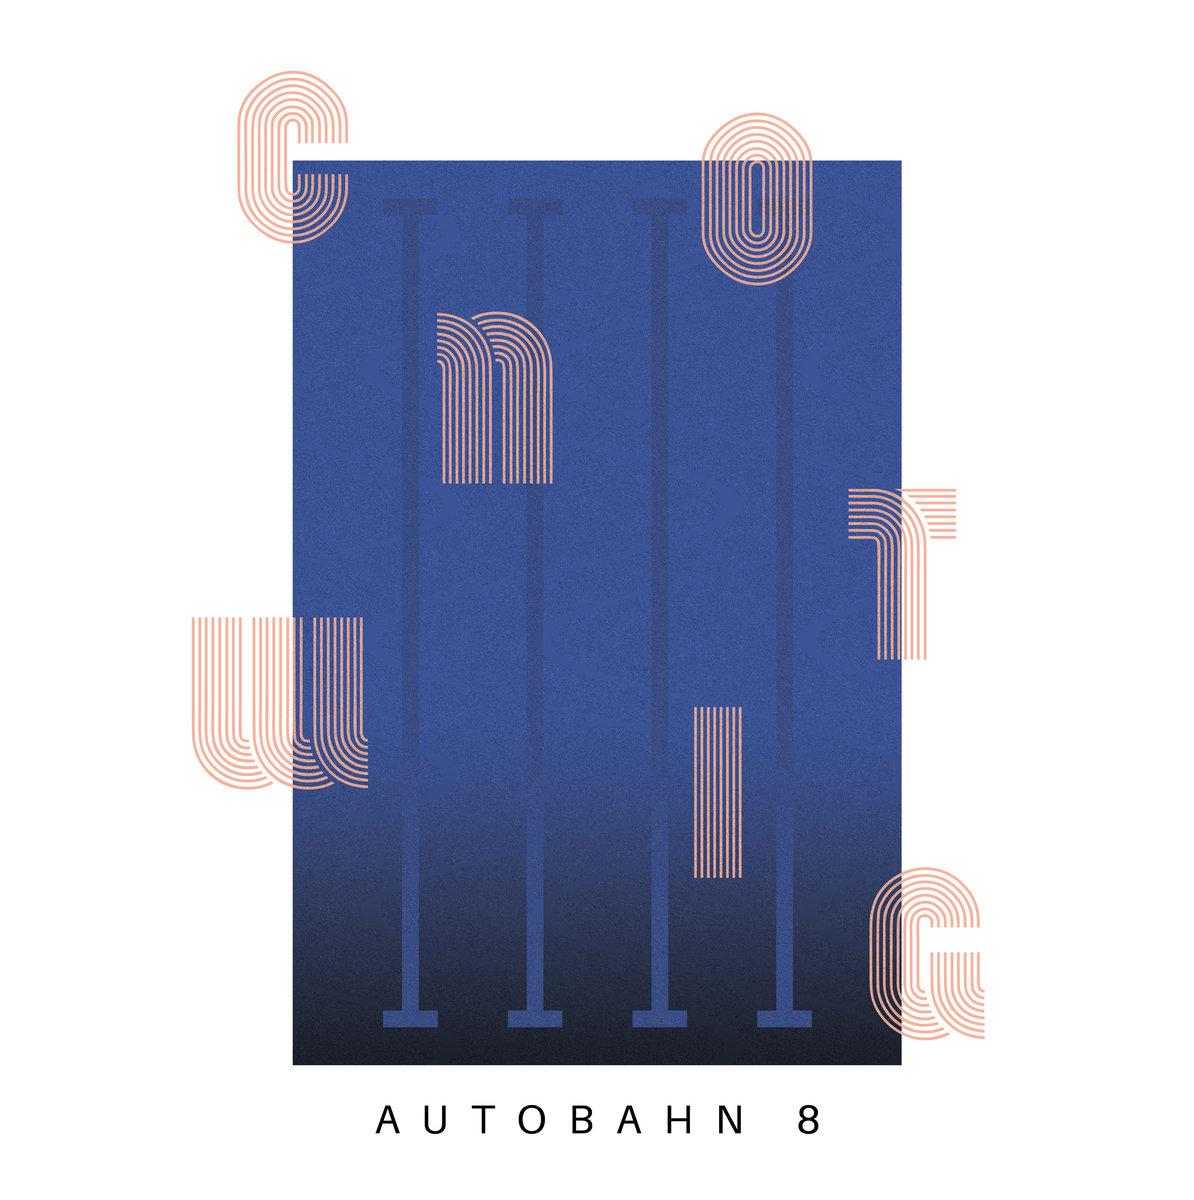 CONTWIG - Autobahn 8